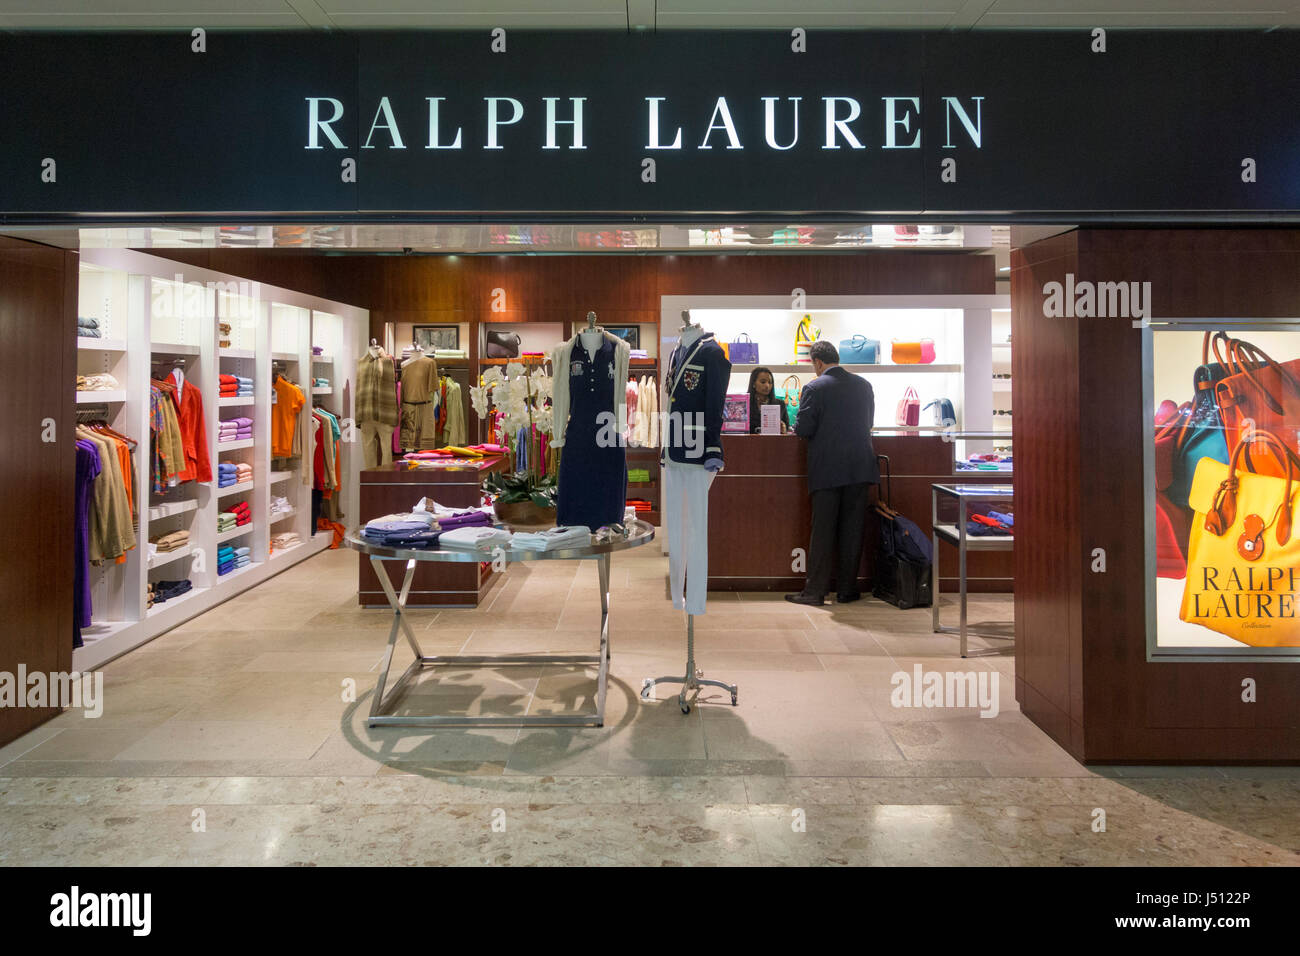 Ralph Lauren Store Shop Stock Photos Ralph Lauren Store Shop  # Muebles Ralph Lauren Espana